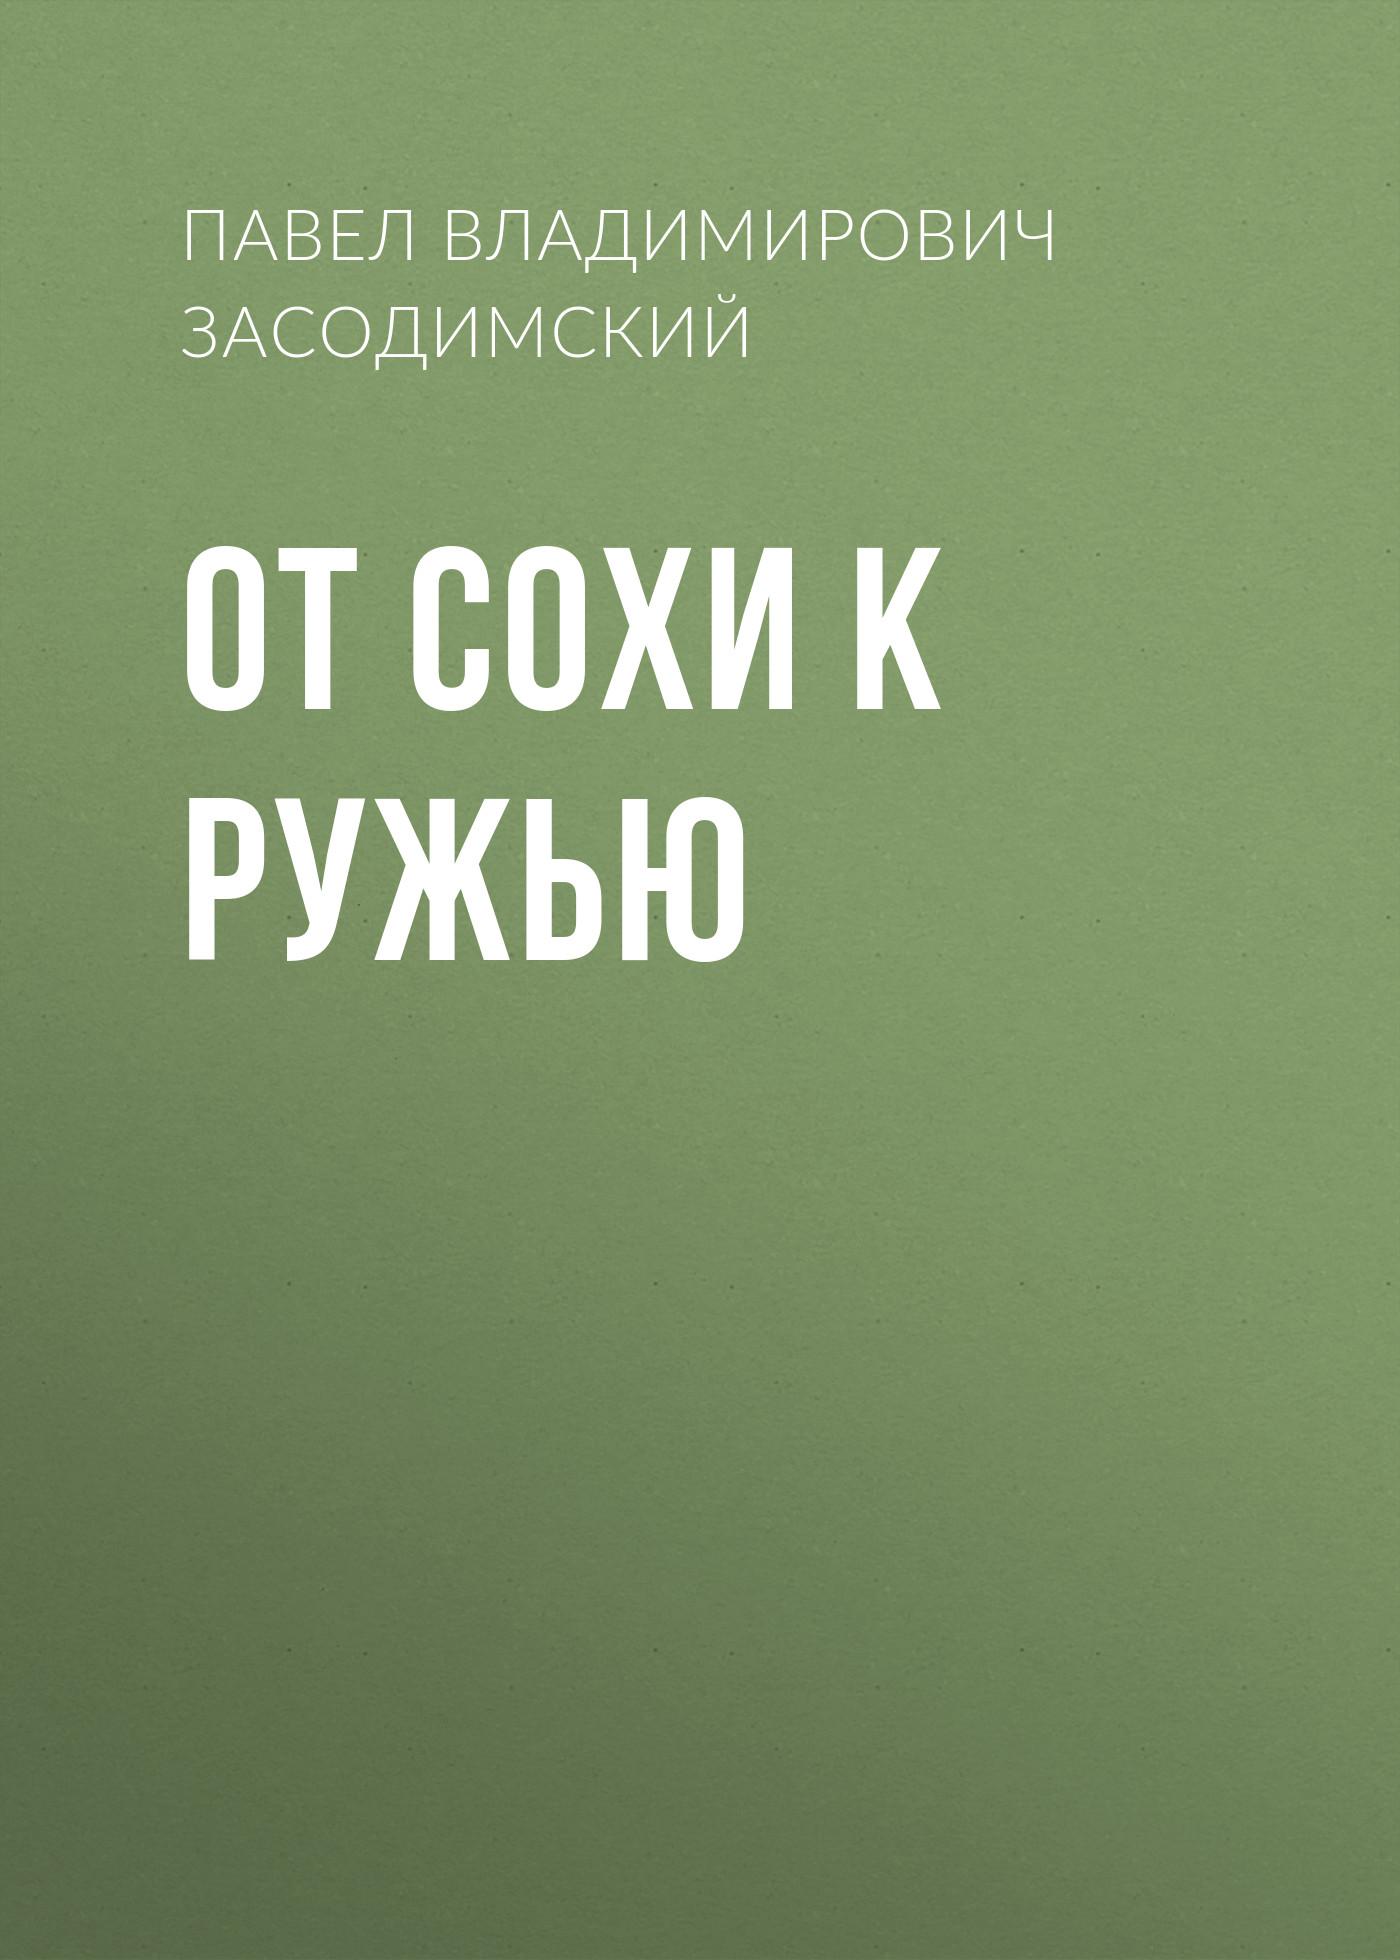 Купить книгу От сохи к ружью, автора Павла Владимировича Засодимского